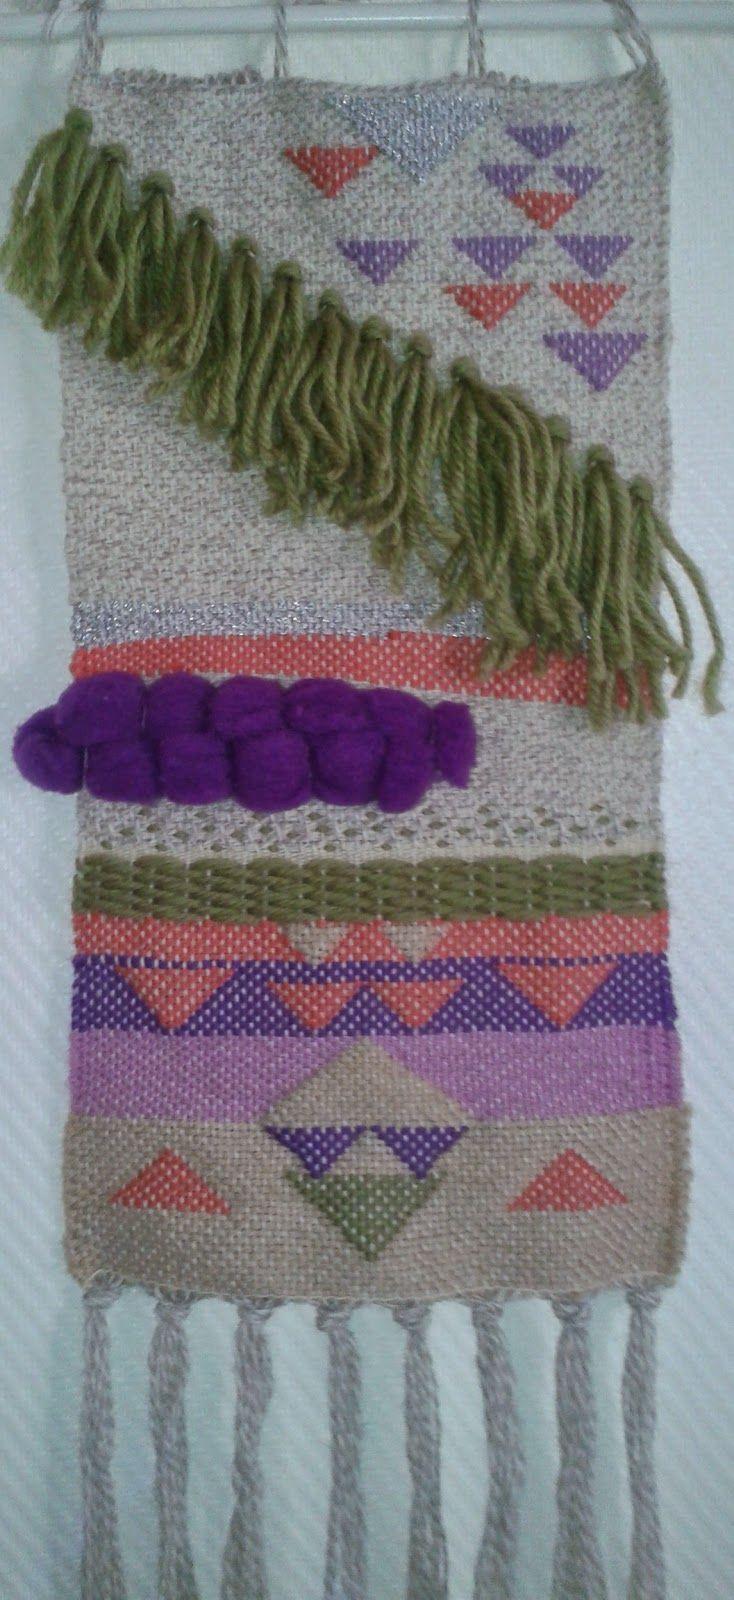 aux fils des couleurs - tissage laine et fils de récupération - hand made weaving